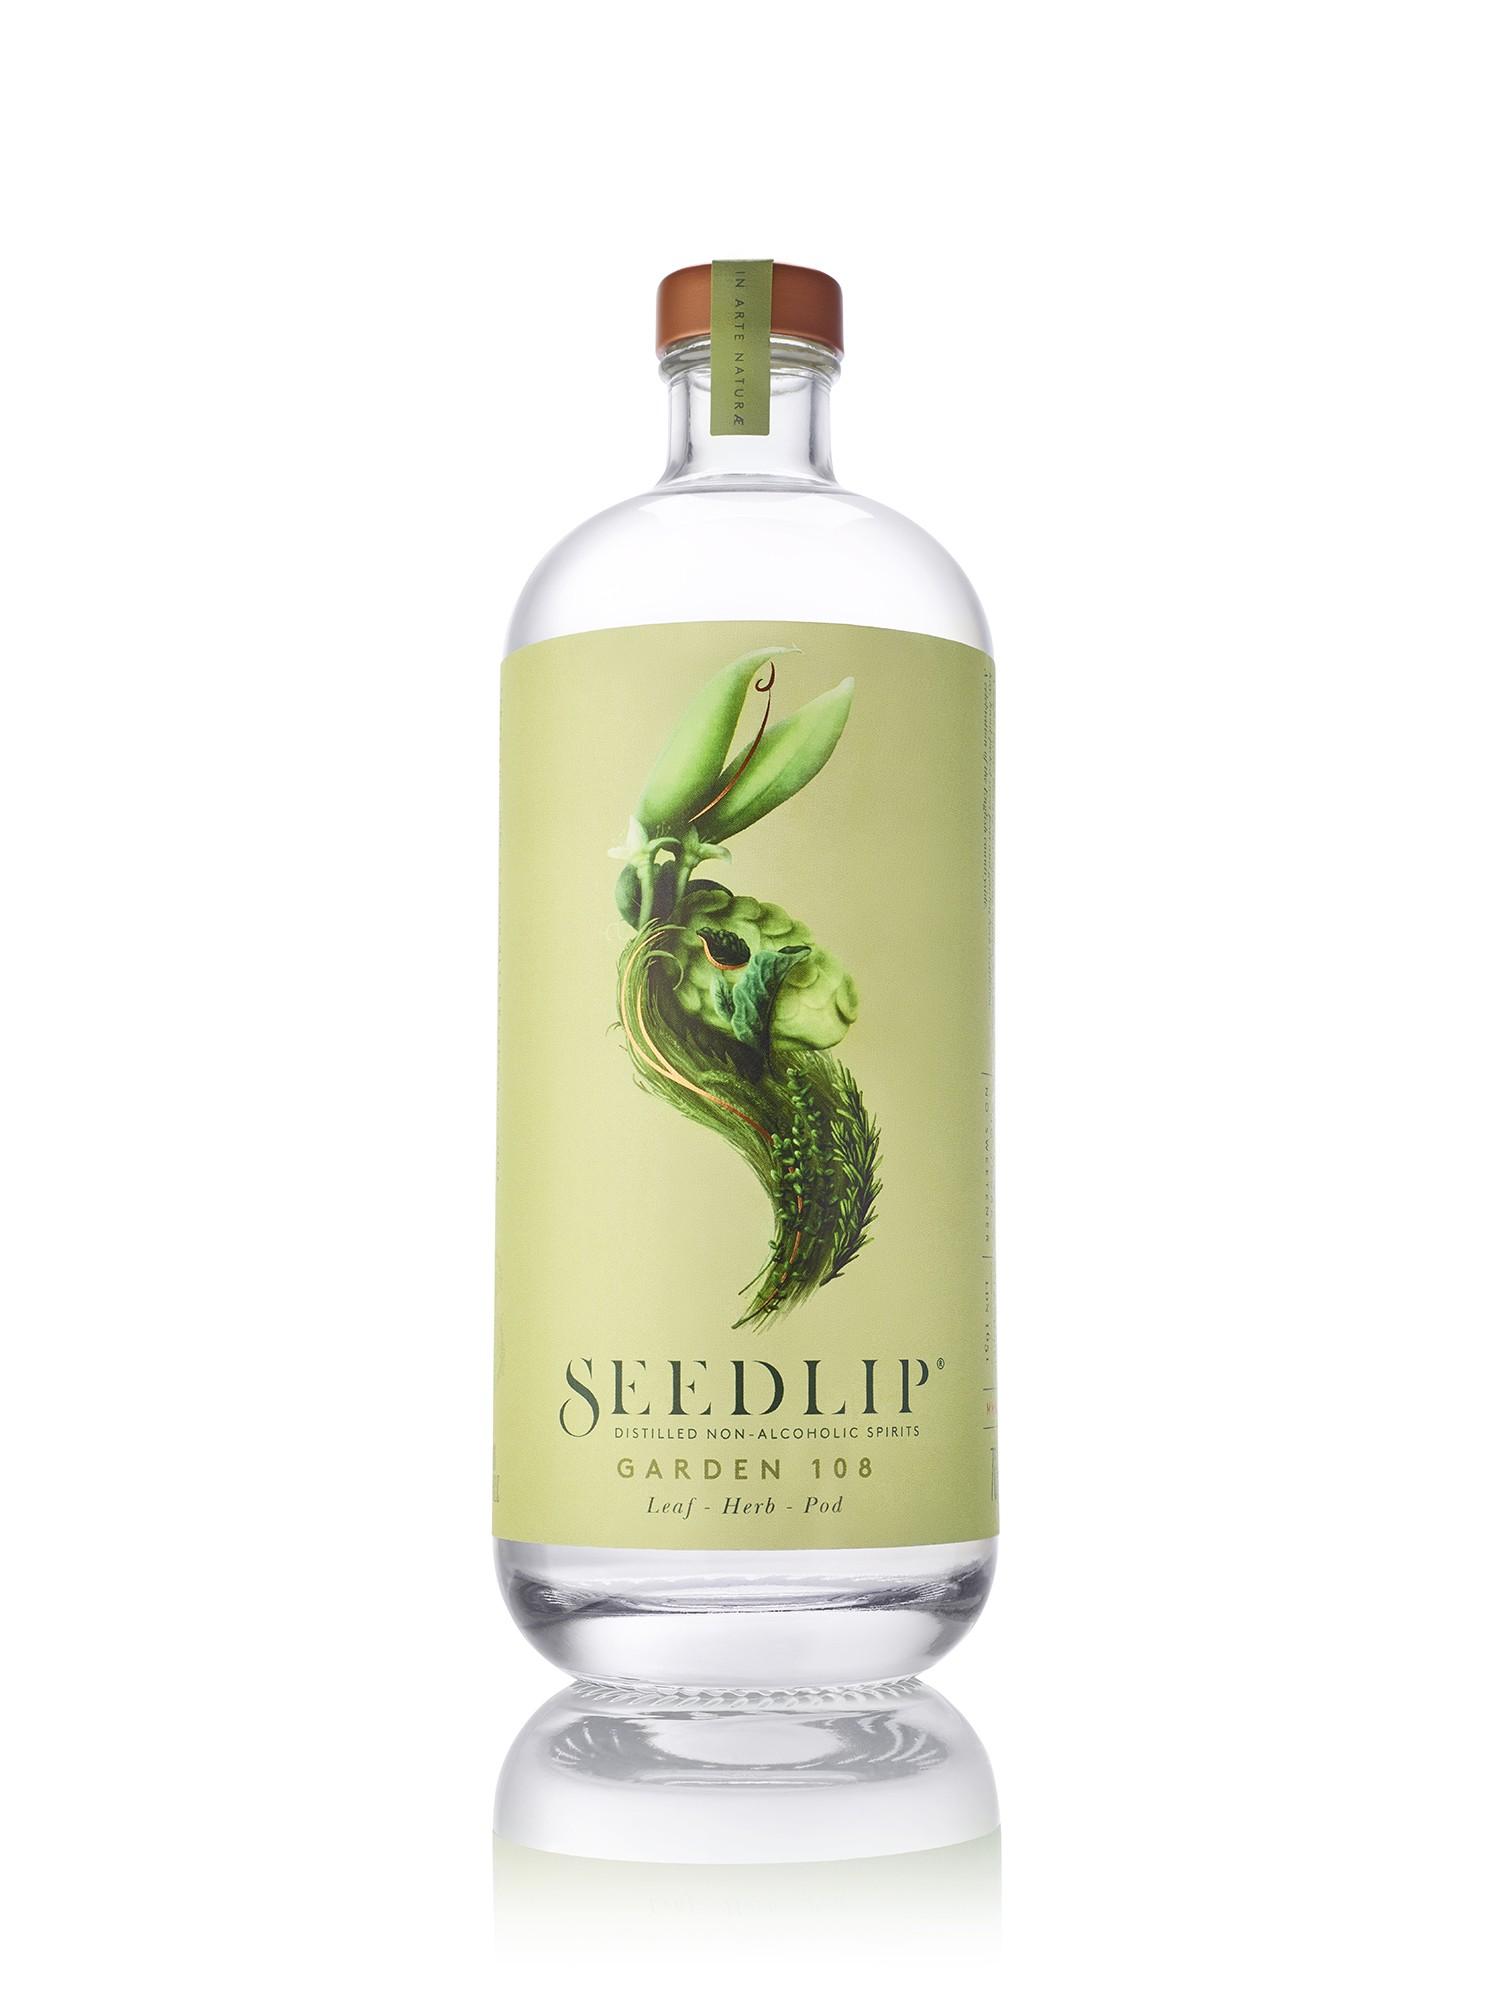 seedlip-garden-108-bottle_cut_out_w4